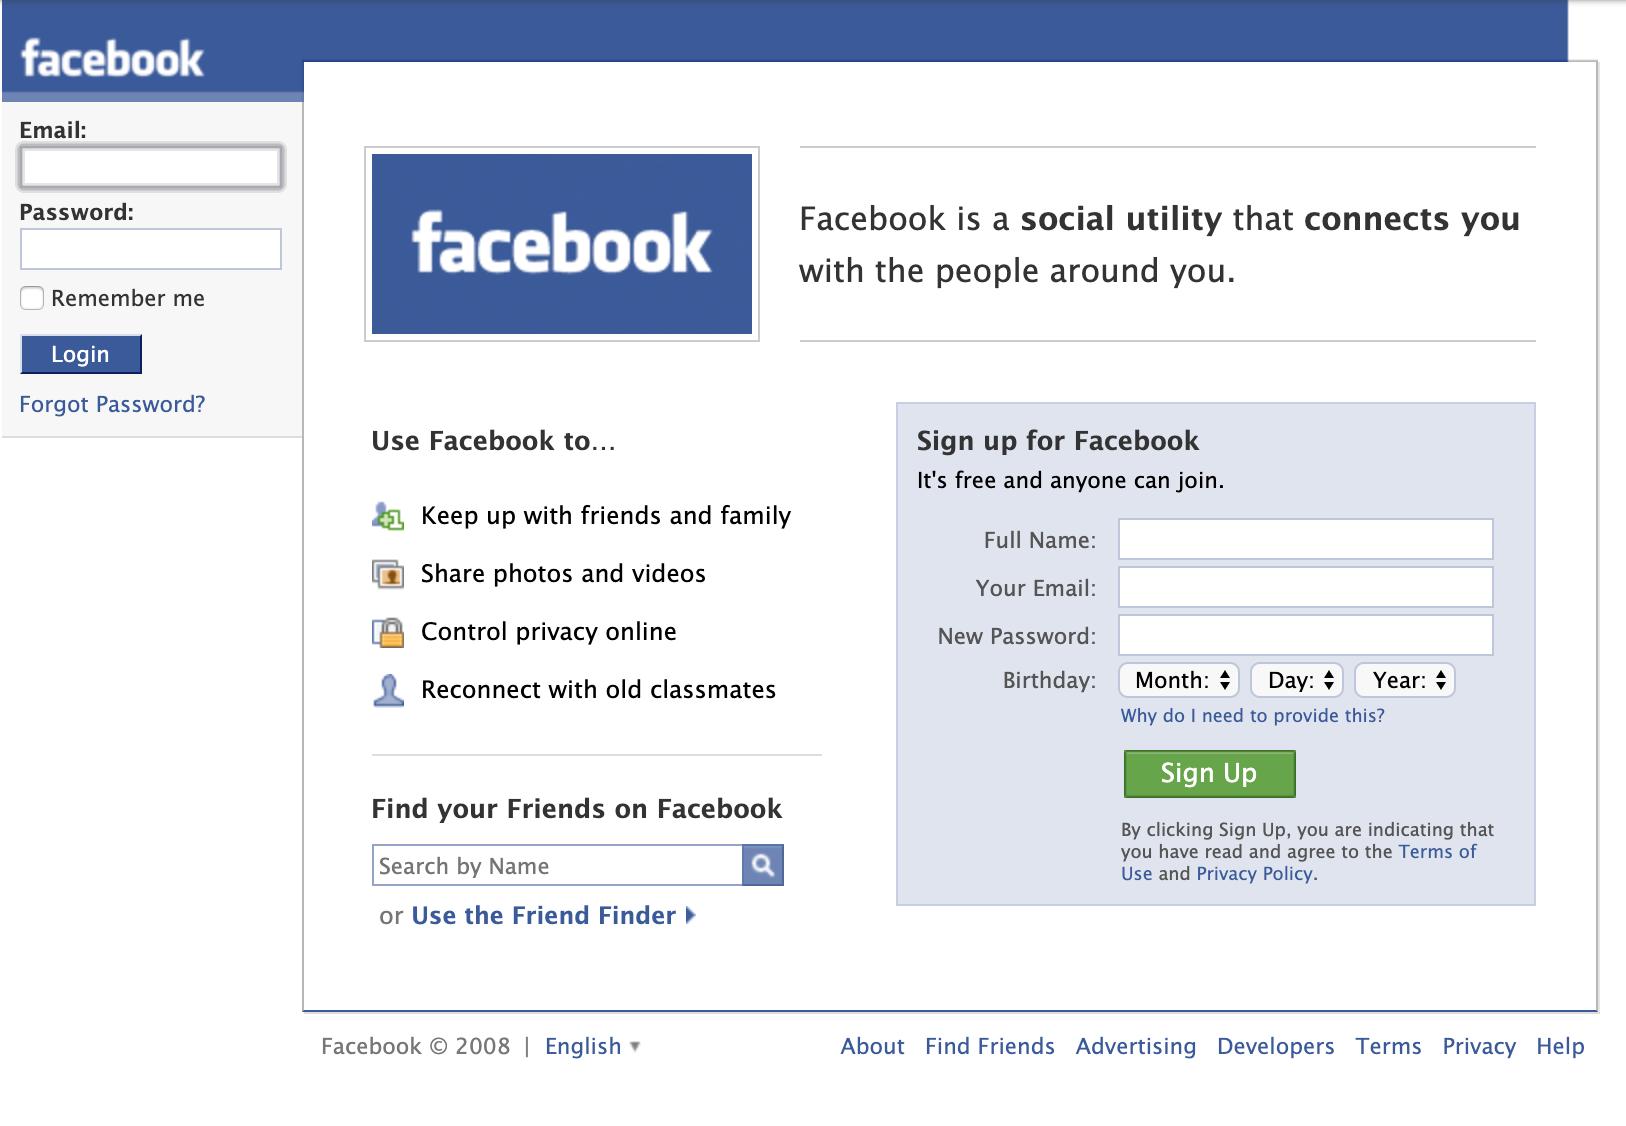 Facebook_en_2008